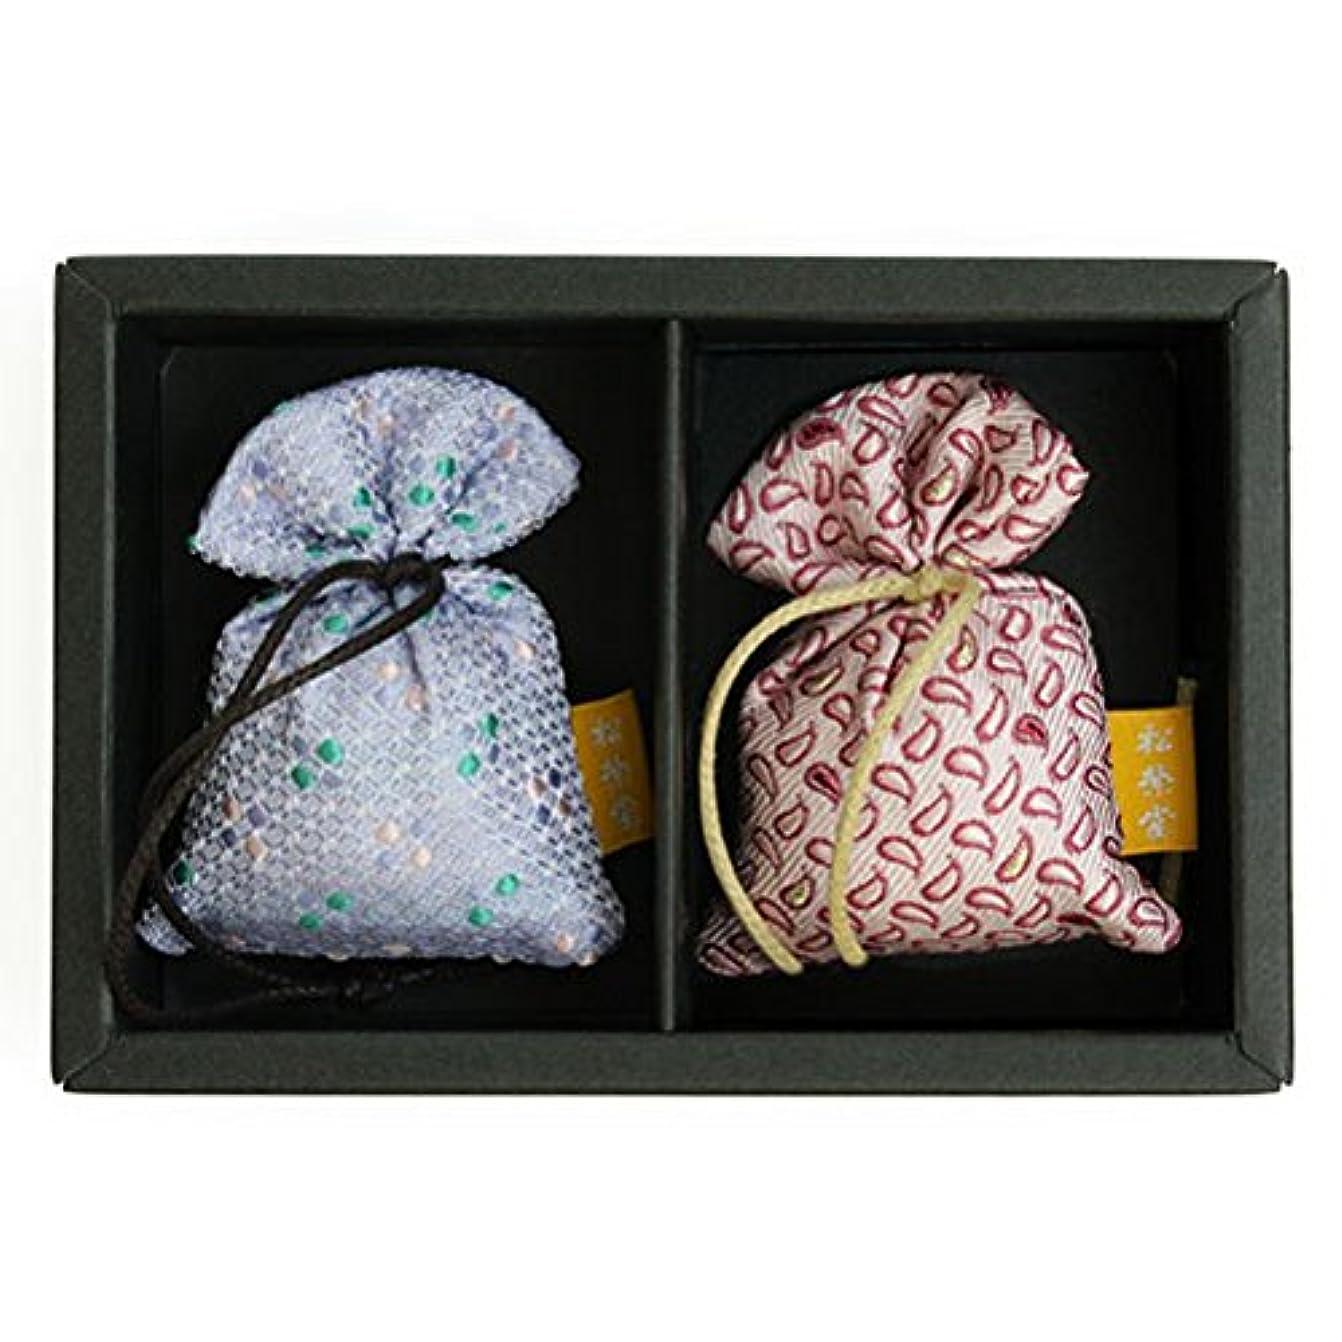 誤自伝廃止する匂い袋 誰が袖 薫 かおる 2個入 松栄堂 Shoyeido 本体長さ60mm (色?柄は選べません)